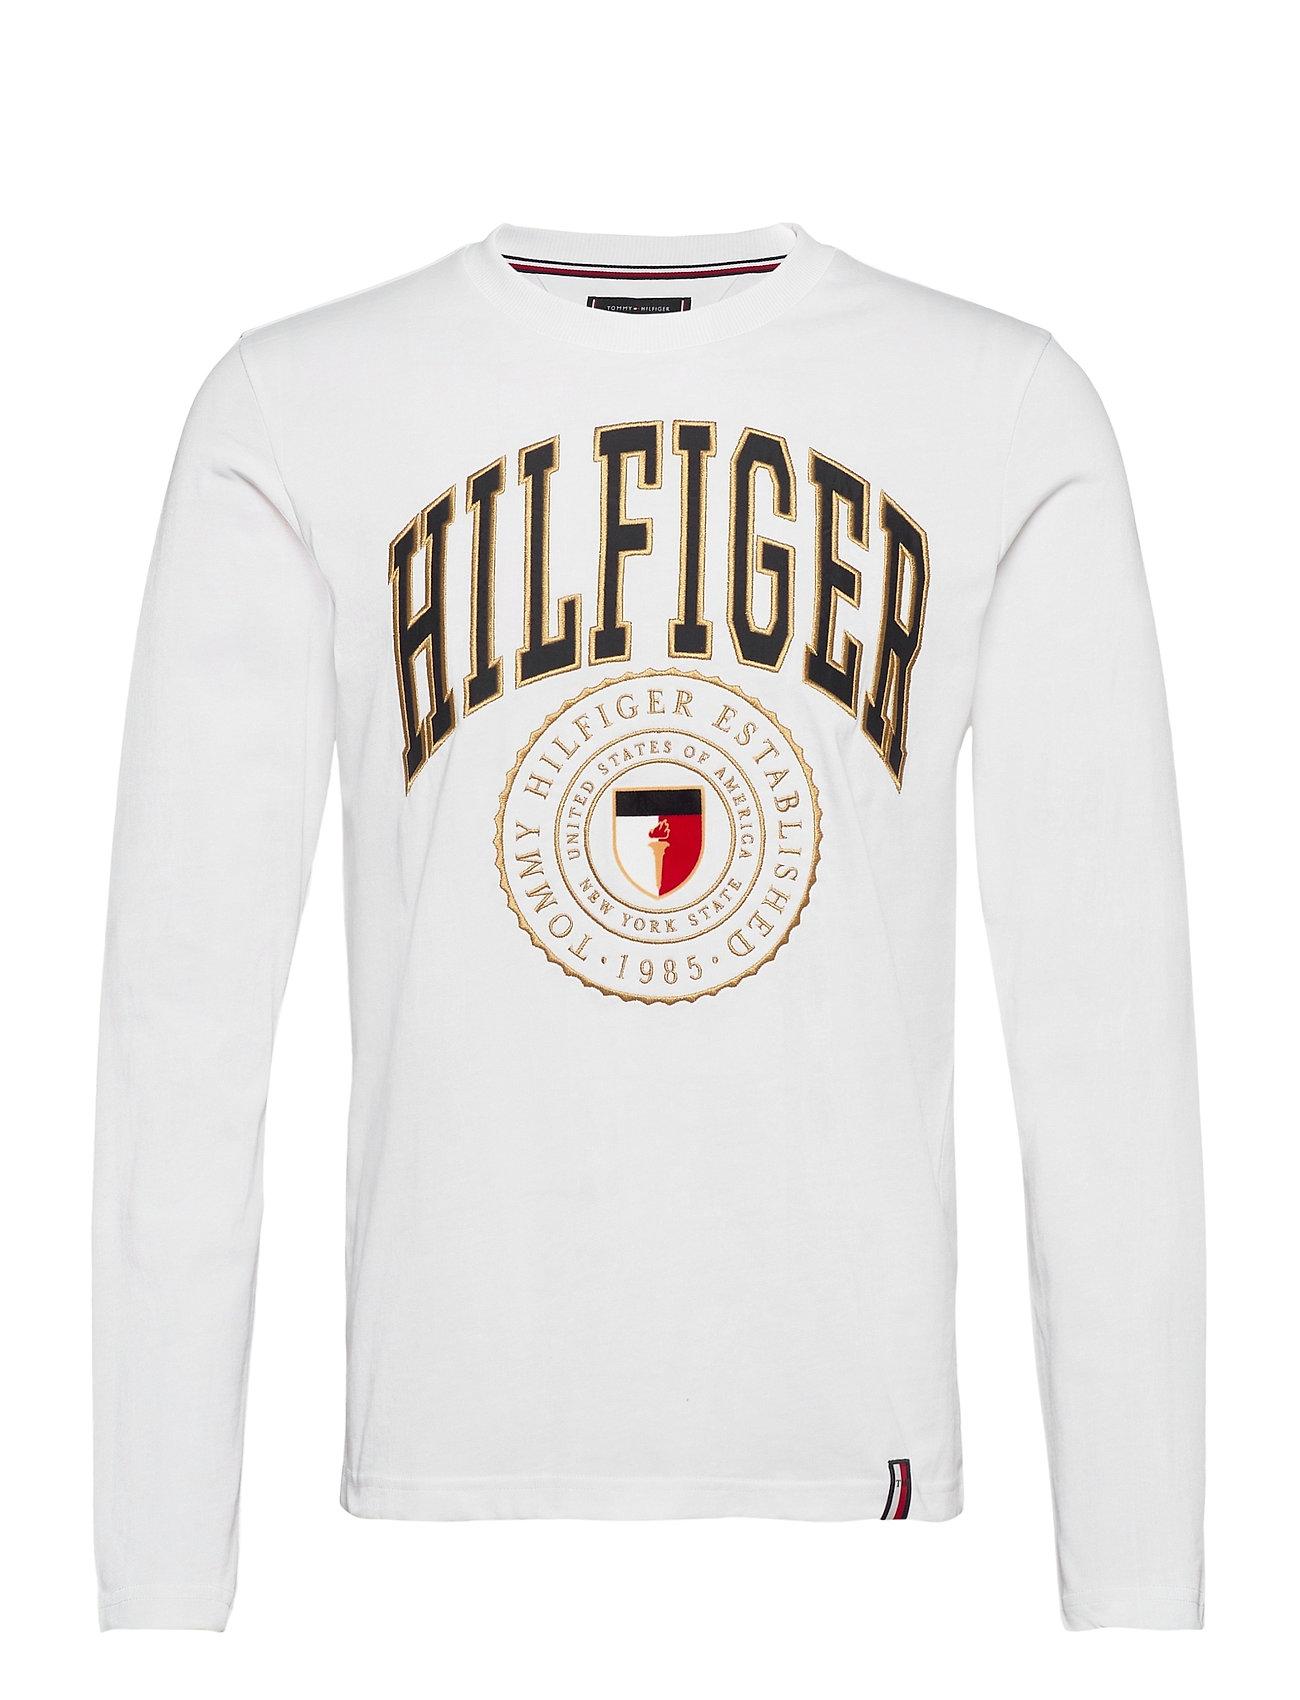 Image of Hilfiger Varisty Long Sleeve Tee T-Langærmet Skjorte Hvid Tommy Hilfiger (3448363171)